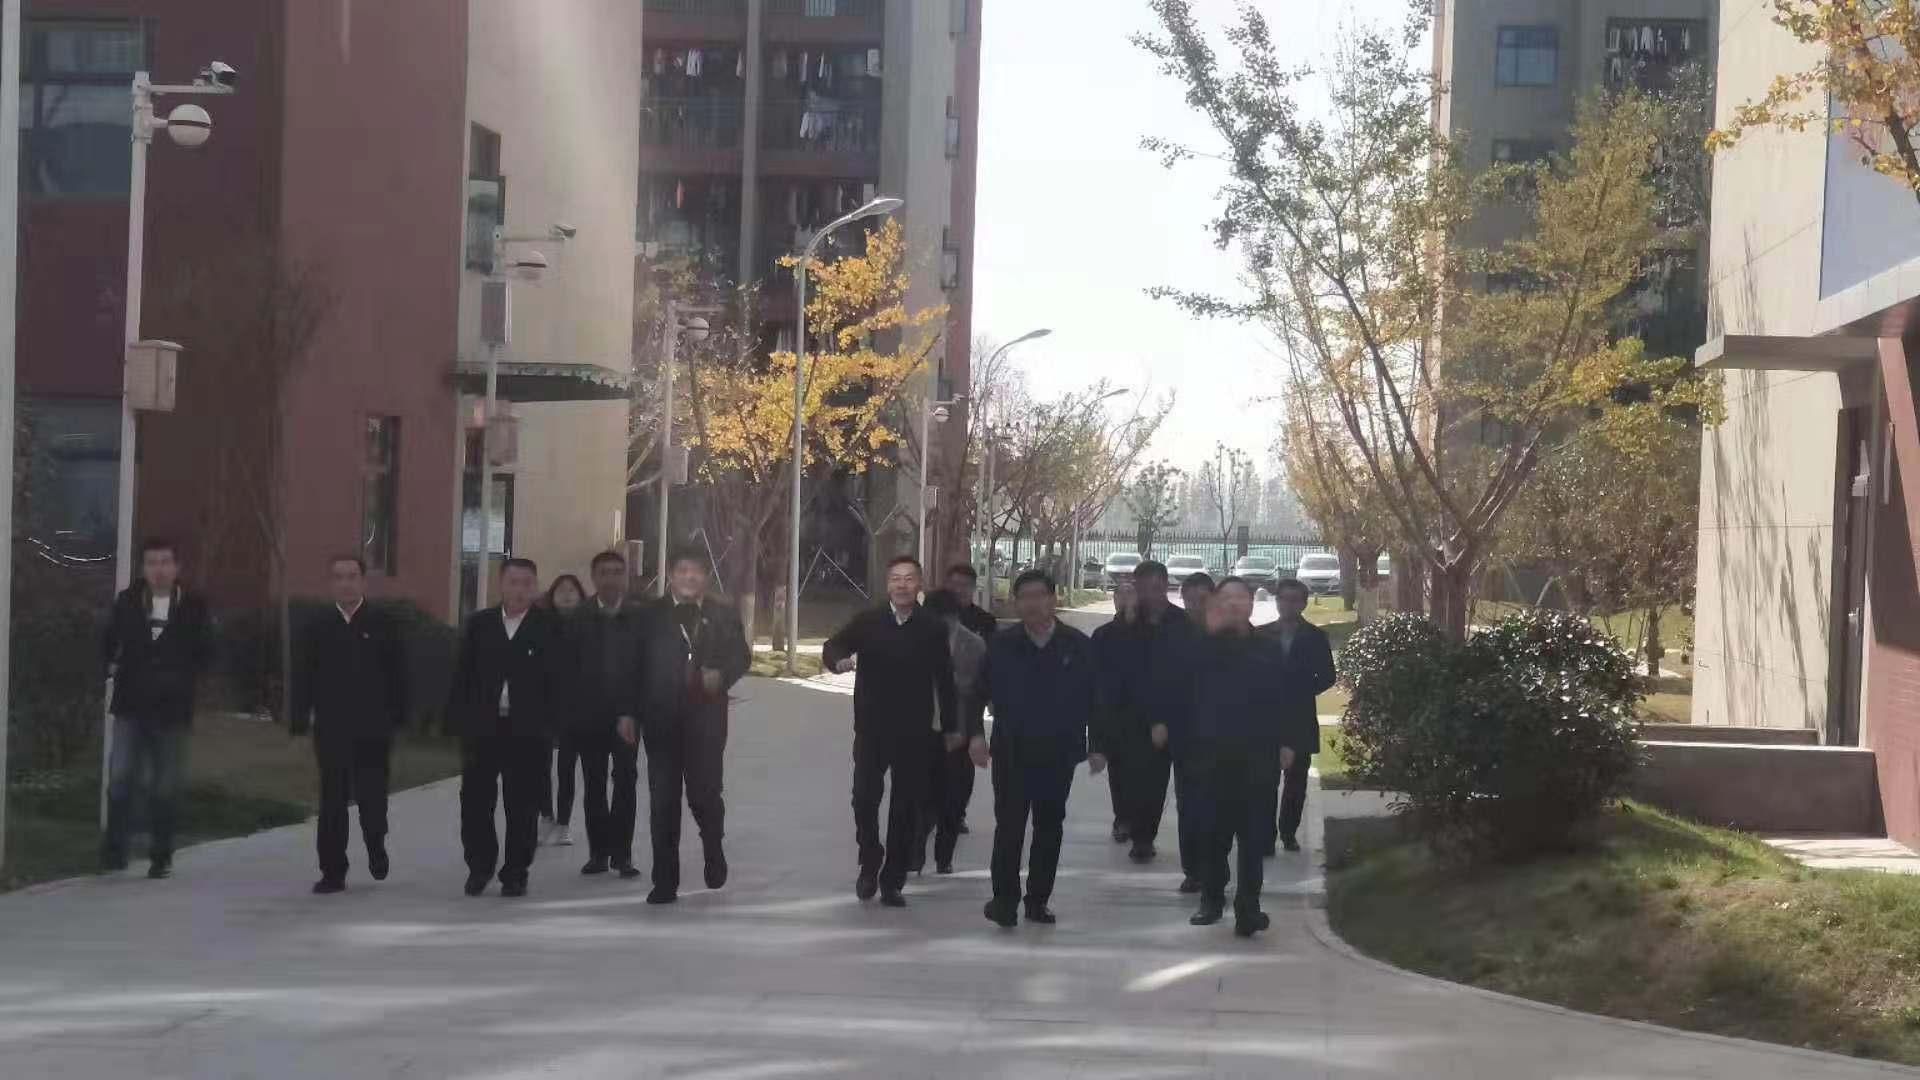 息县县长袁钢陪同河南省教育厅领导小组到华师中范大学新厨帮厨房参观指导